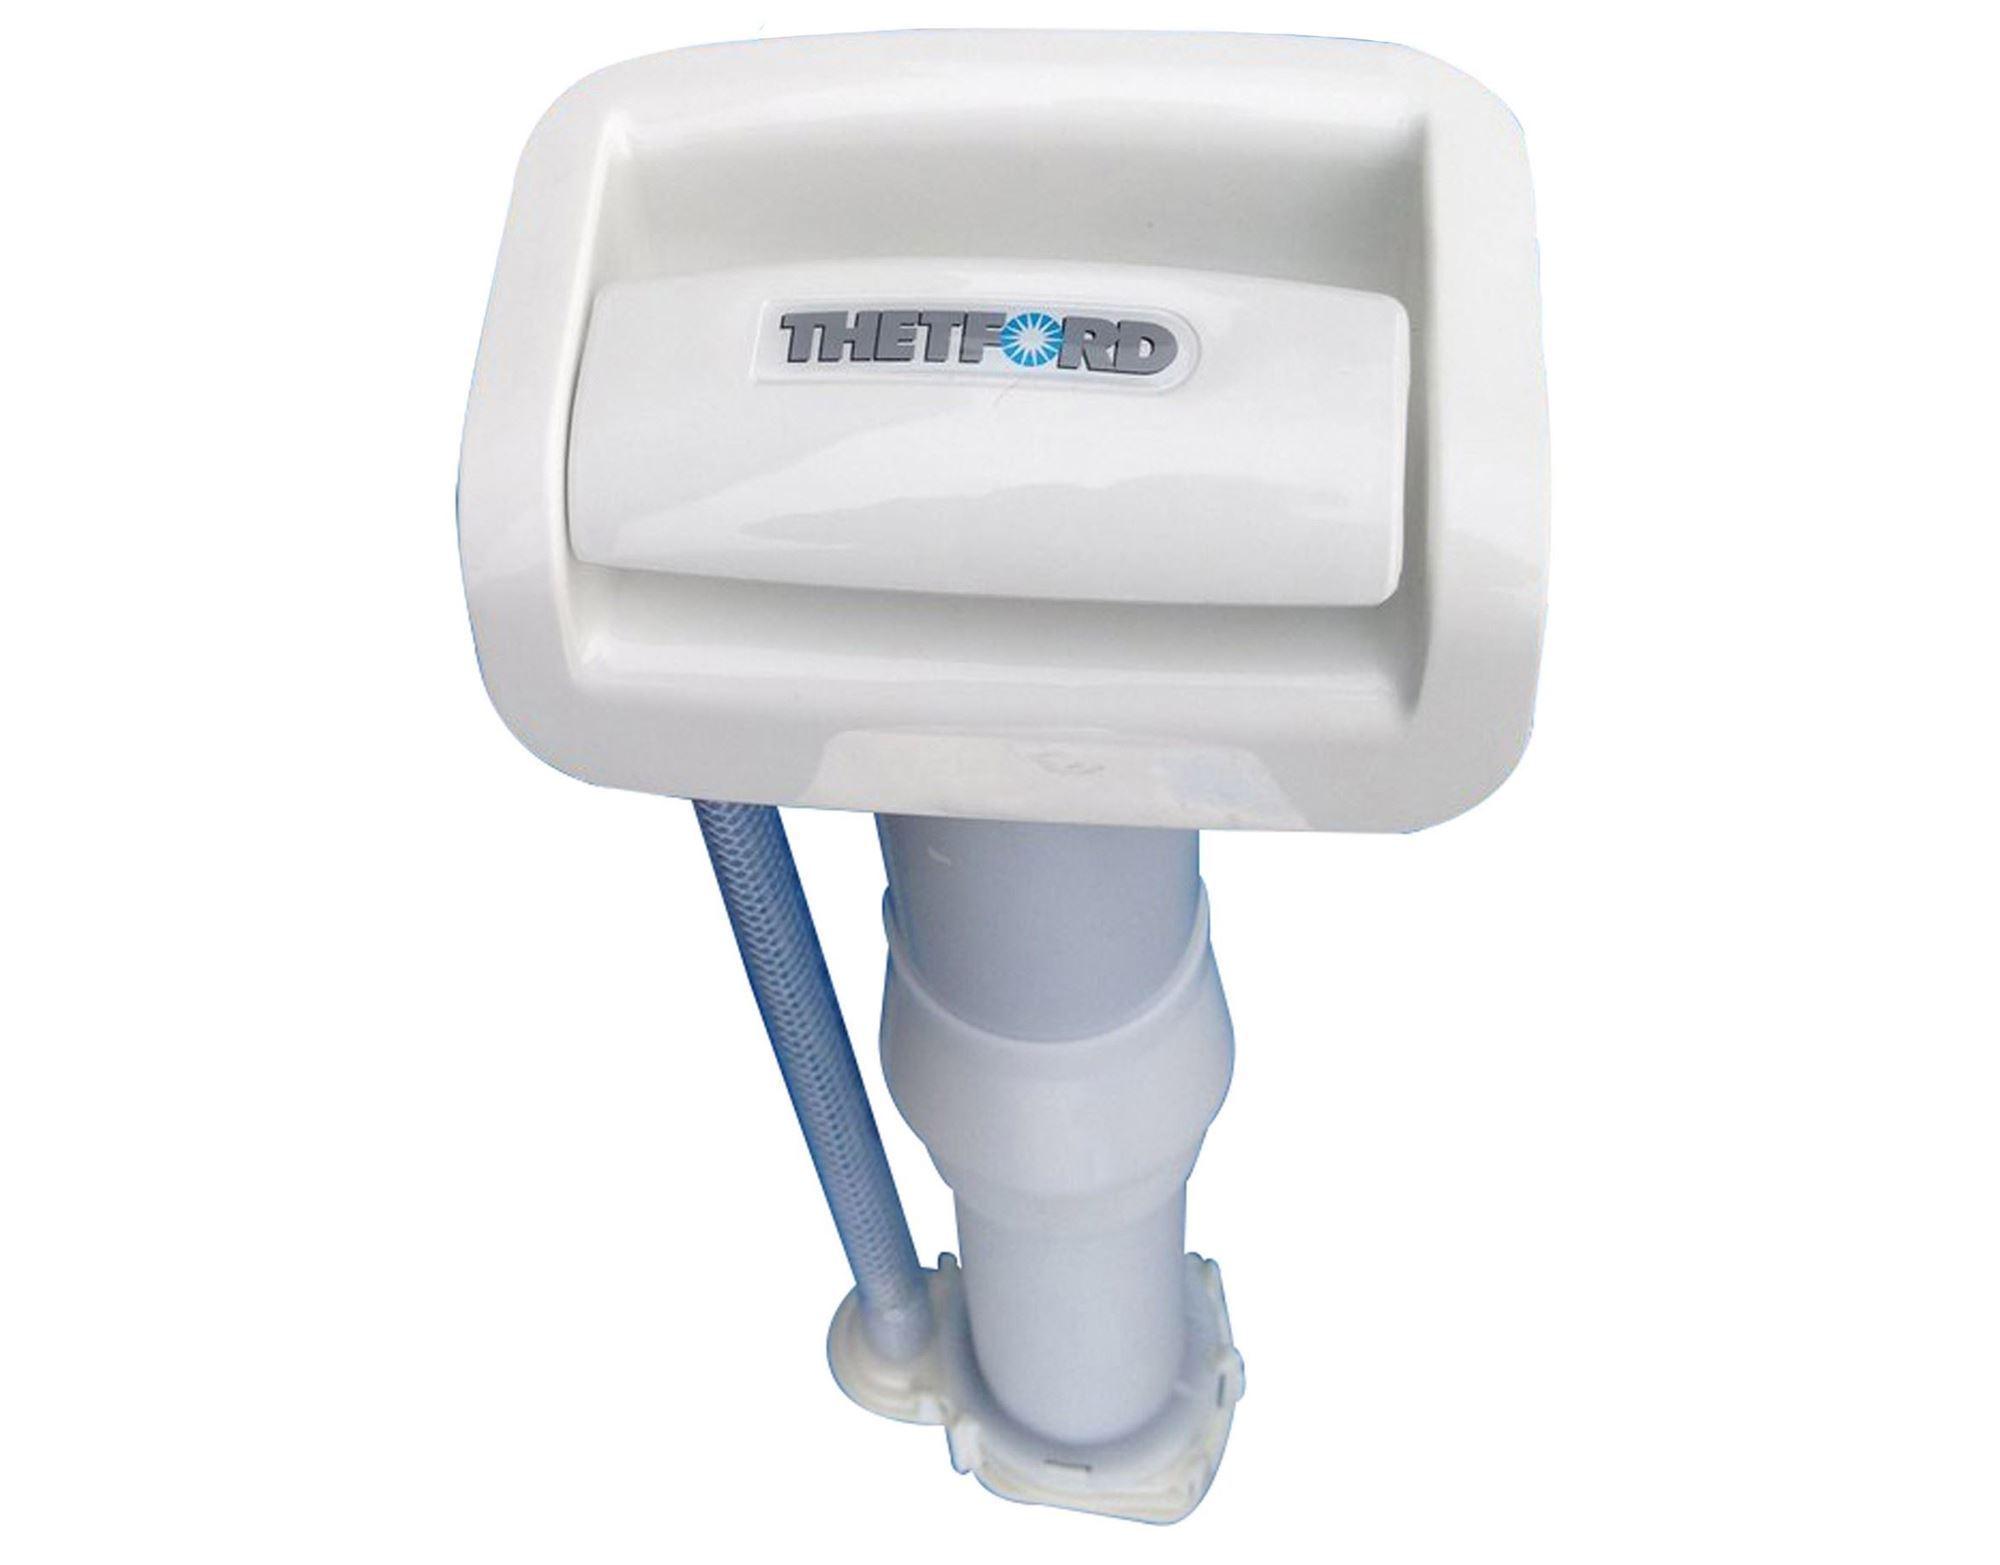 Fantastisk Manuel pumpe til Thetford C200 CW toilet. KK64